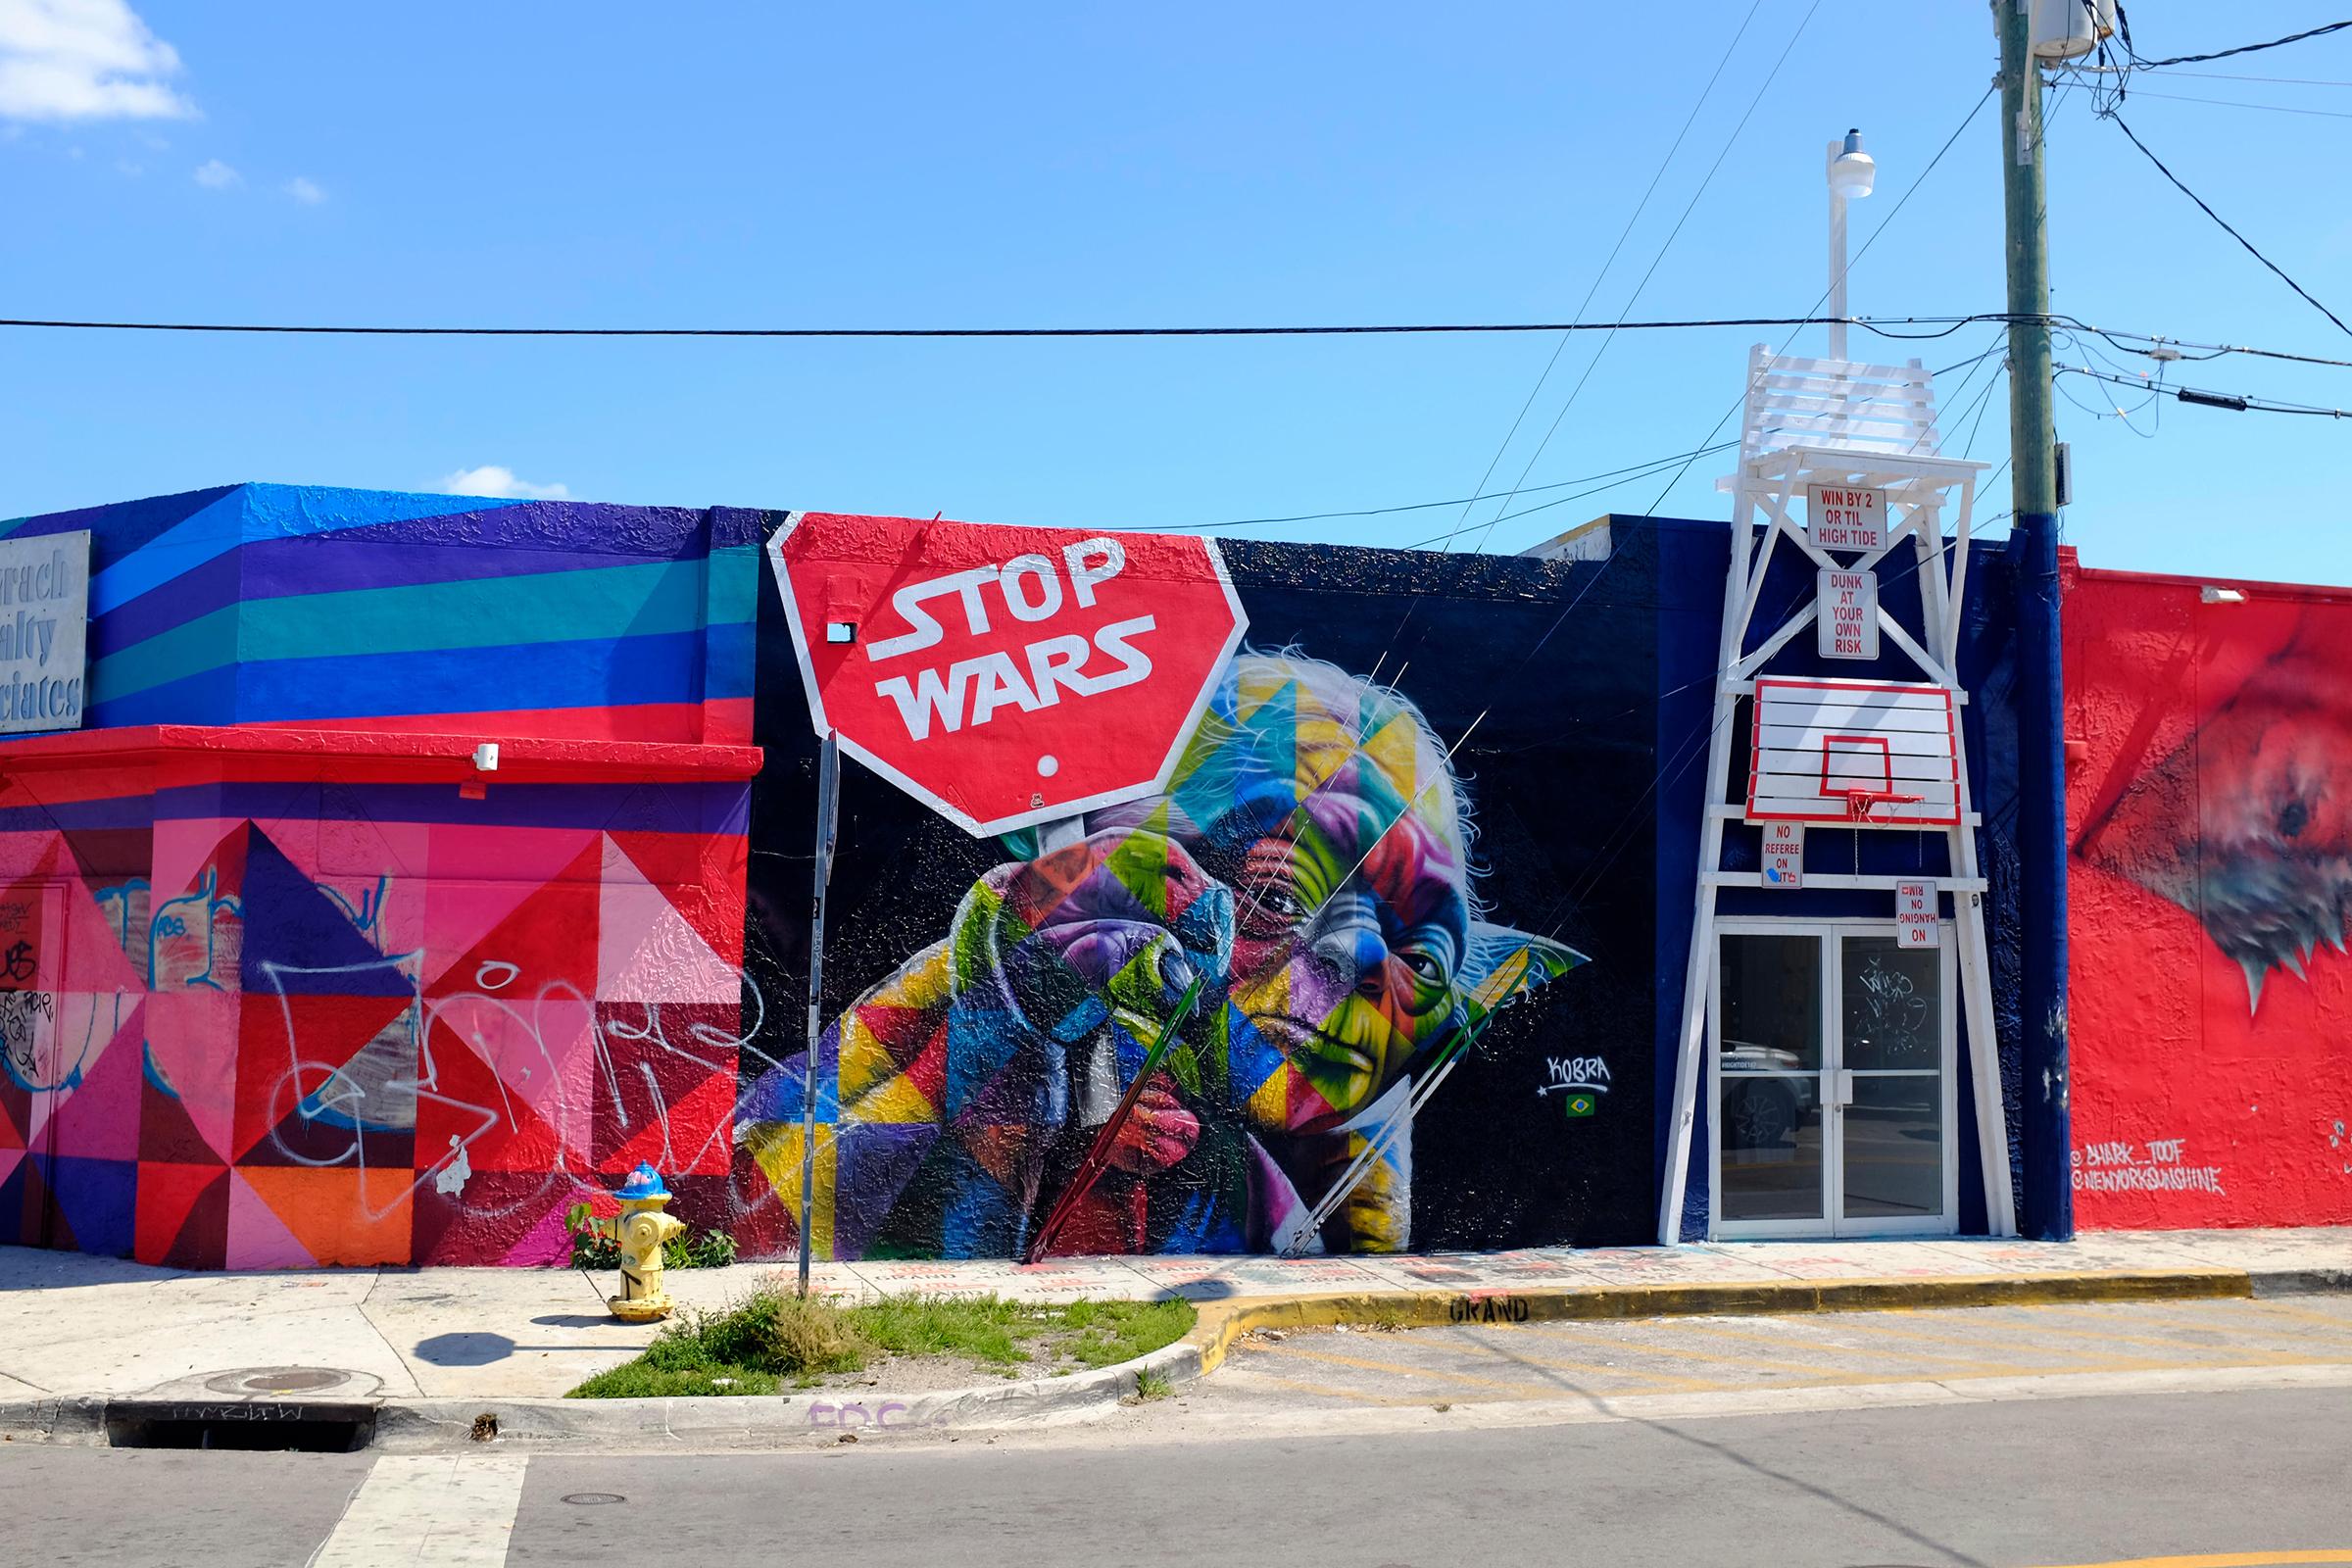 Miami La capital del arte callejero emergente